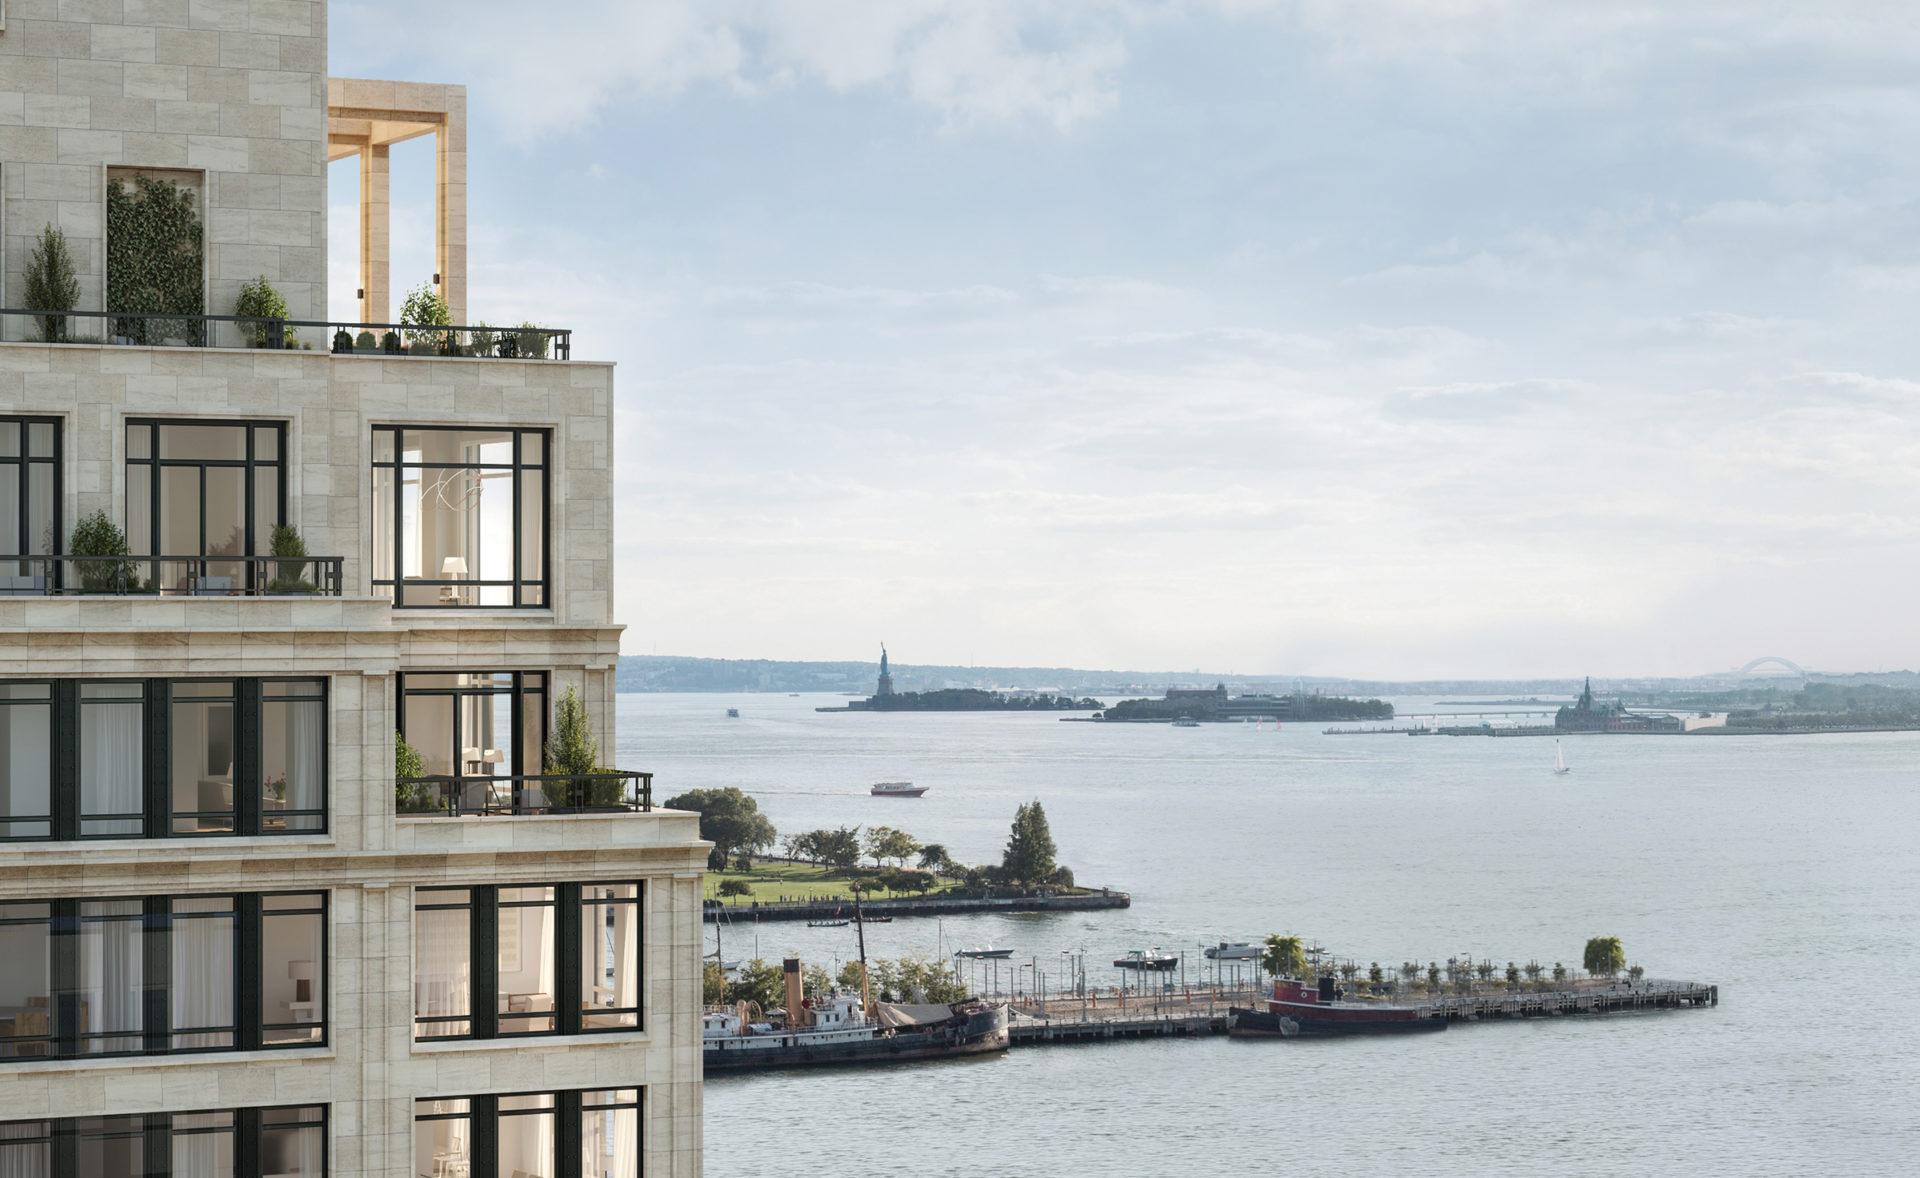 New York City Real Estate Investment Advisors